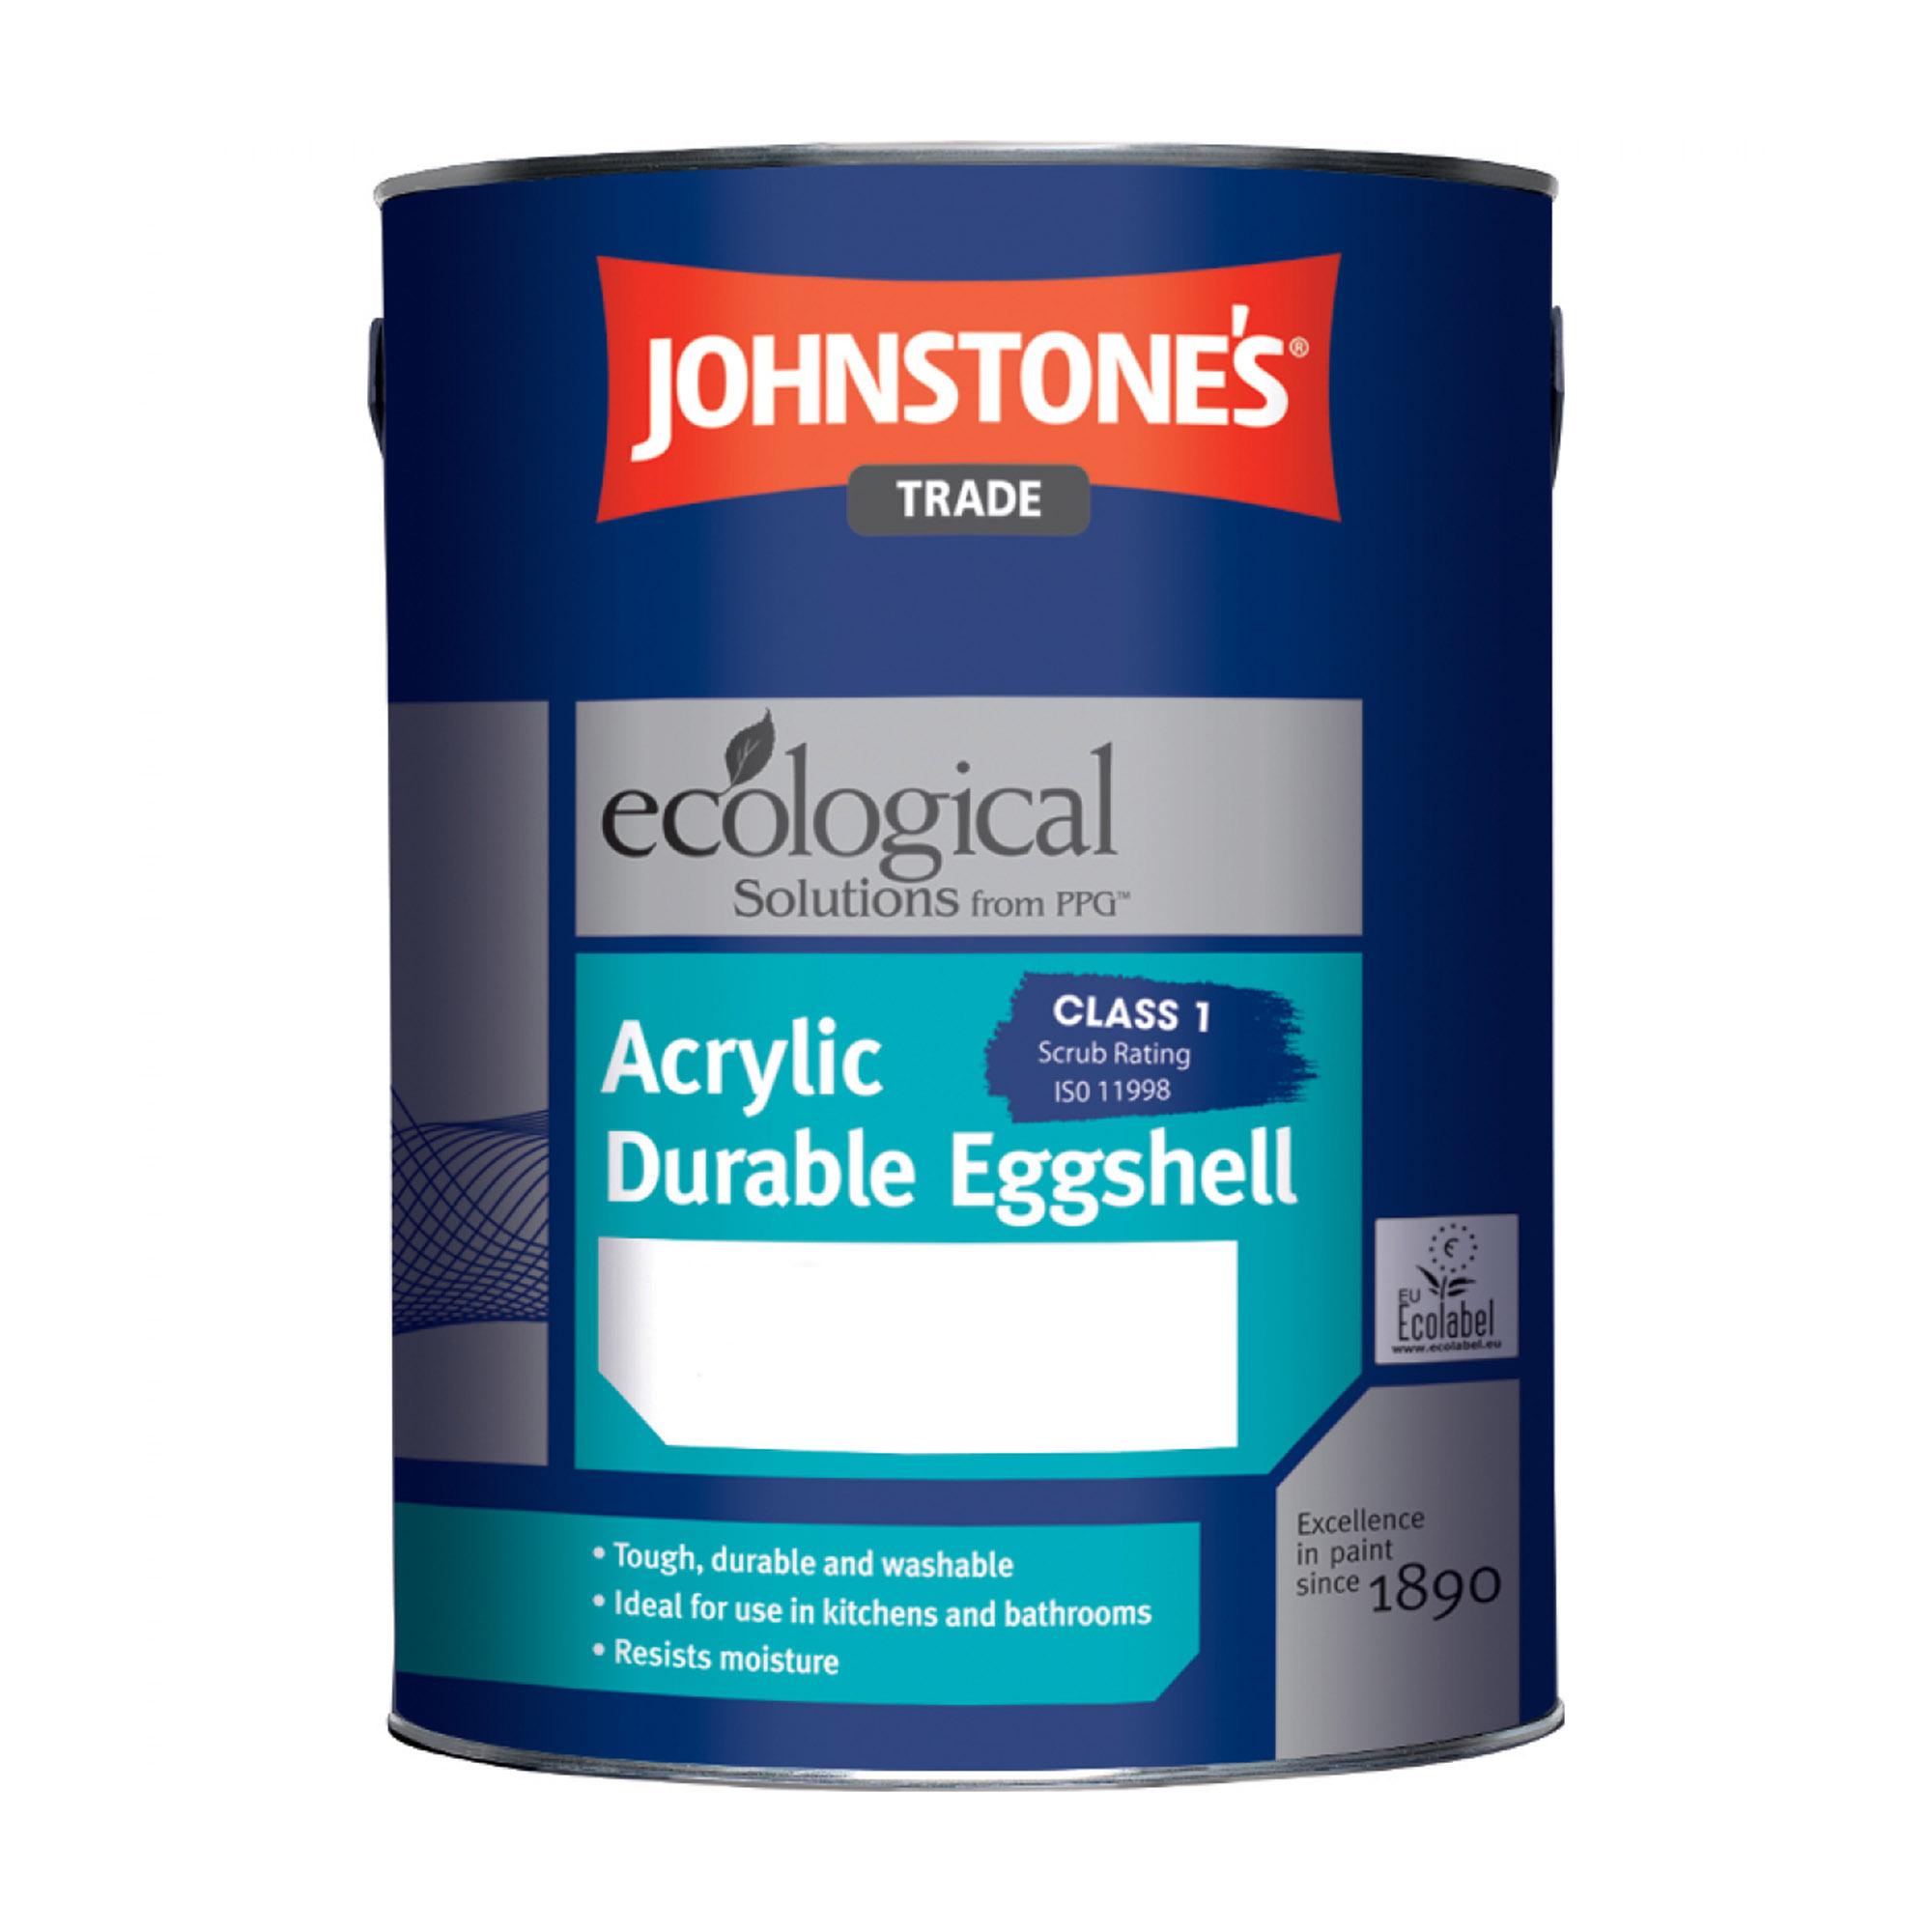 Краска JohnStones Acrylic Durable Eggshell Pastel для влажных помещений 5 л фото